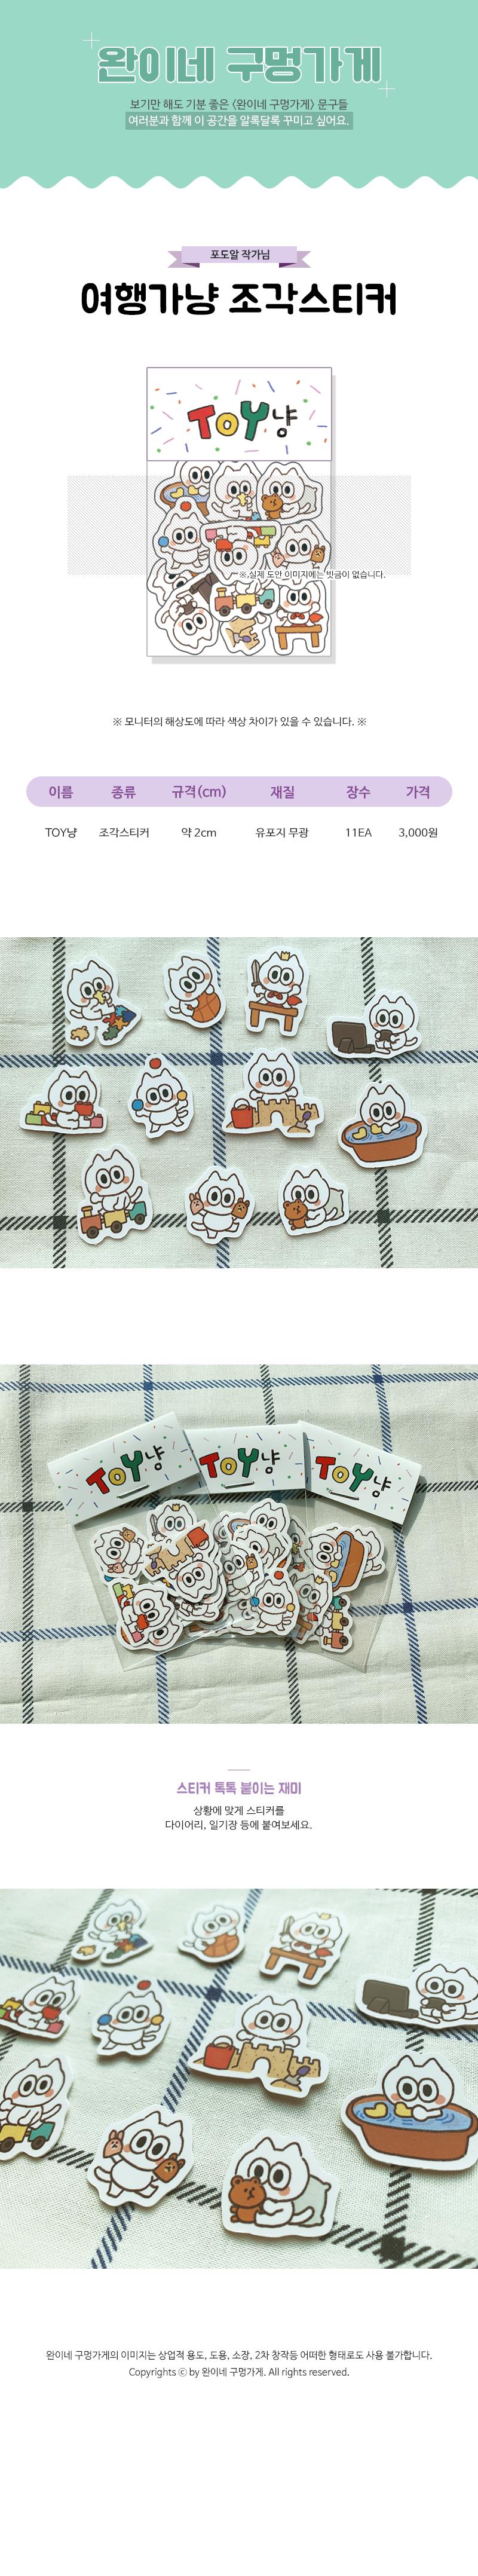 sticker642